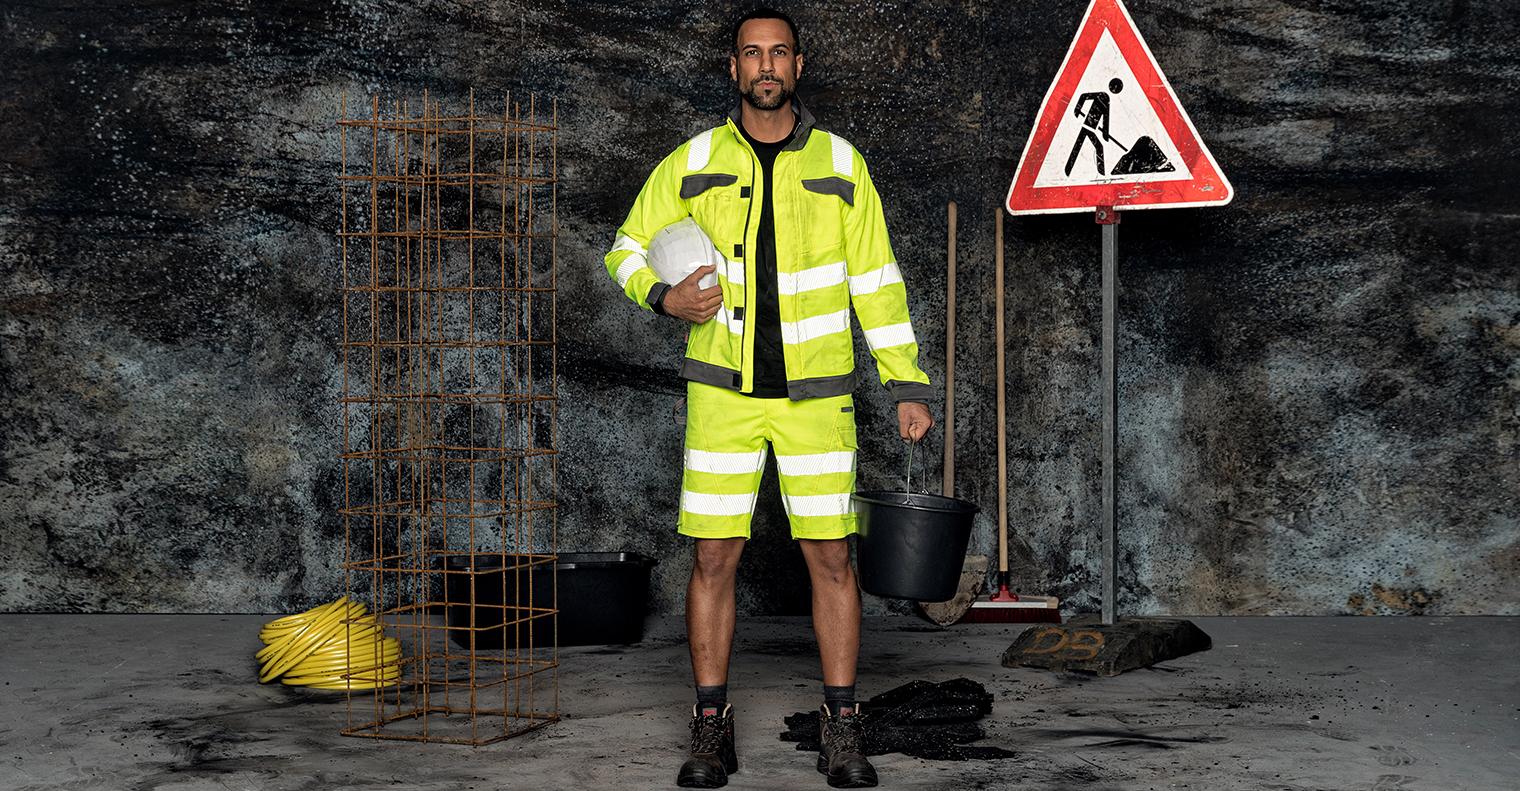 Innovativer Look für den Straßenbau oder öffentlichen Dienst: Shorts & Bundjacke